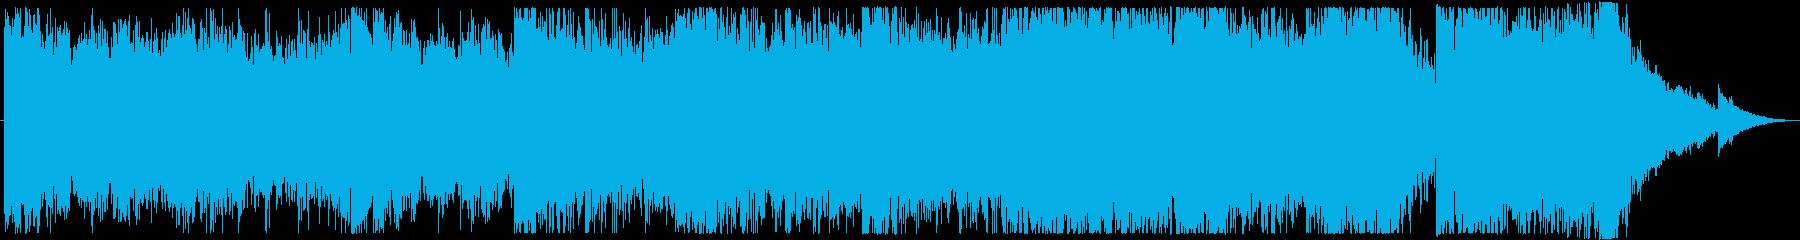 地下で何か蠢いてそうなオープニングBGMの再生済みの波形